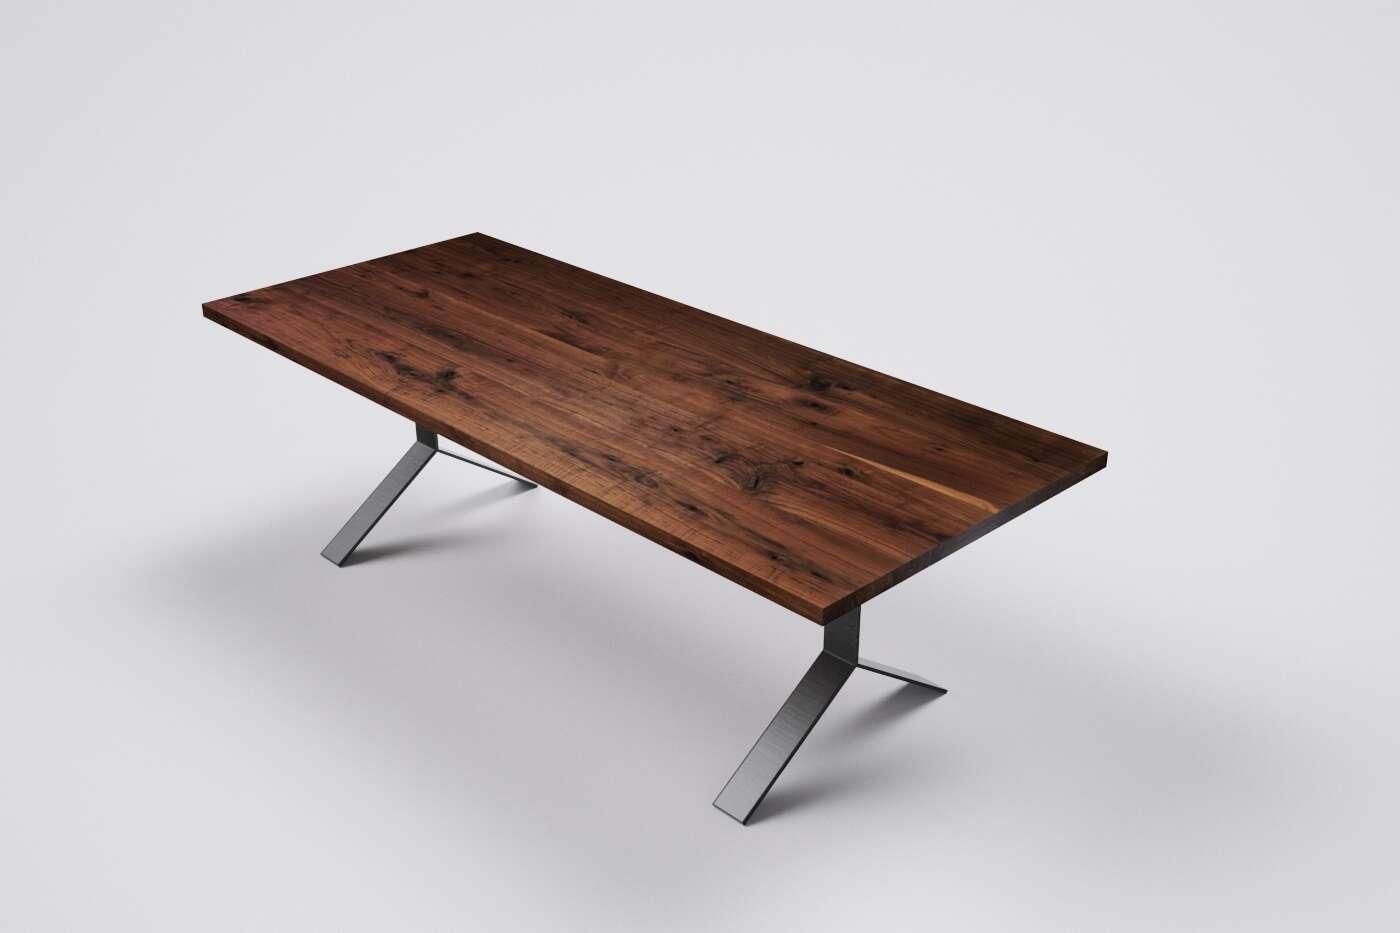 nu baum massivholz tisch nach mass wohnsektion. Black Bedroom Furniture Sets. Home Design Ideas